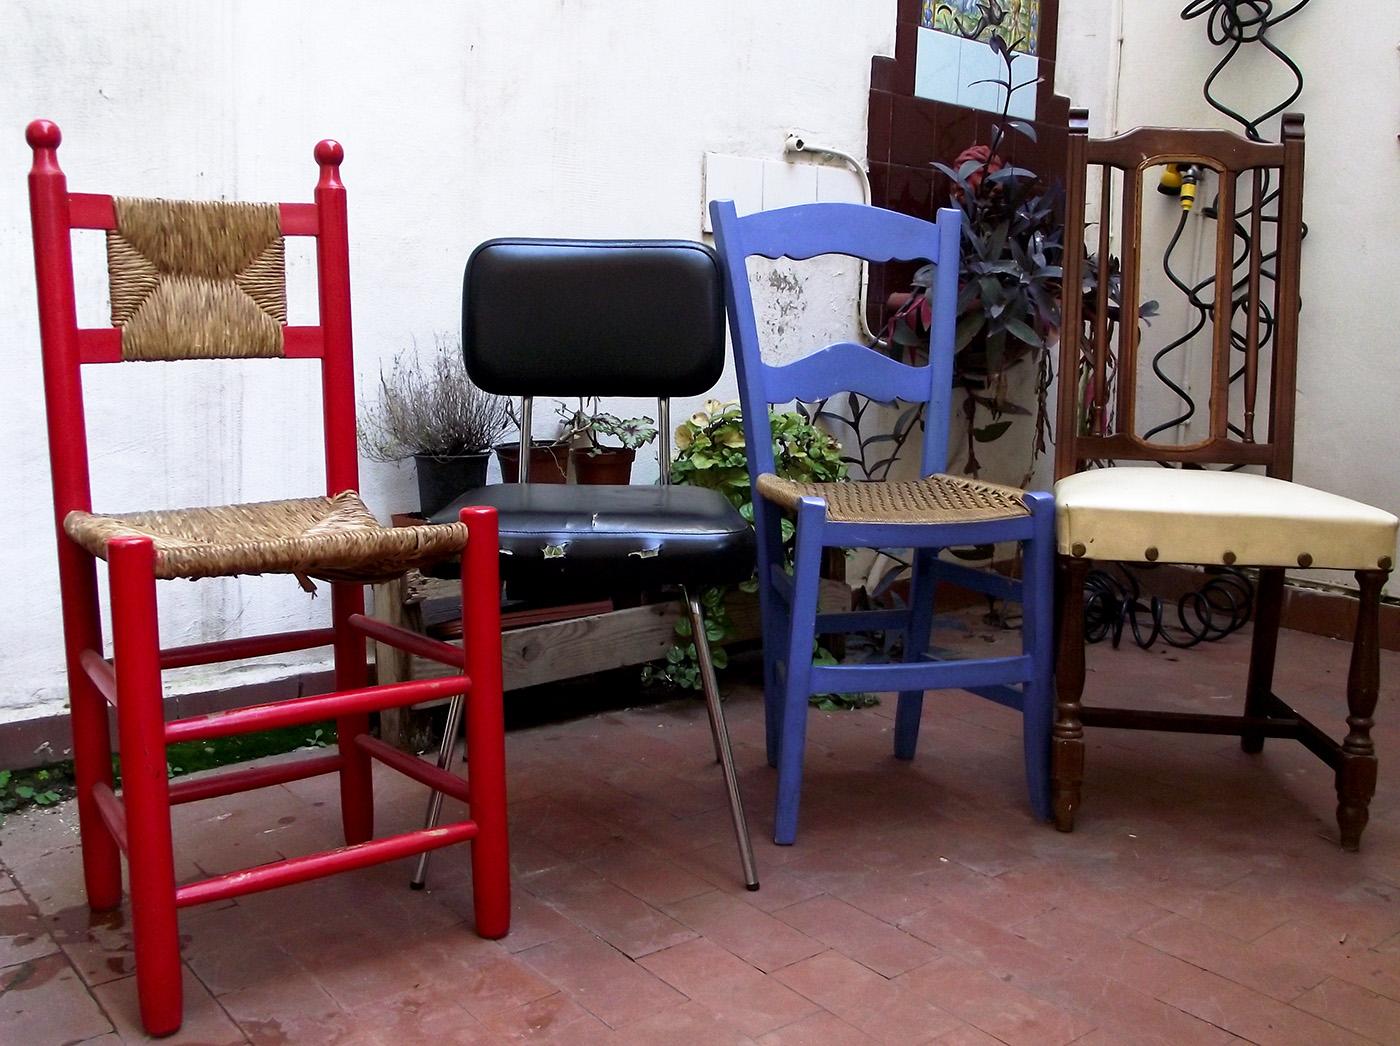 Un variopinto comedor de casa con sillas recuperadas de la calle